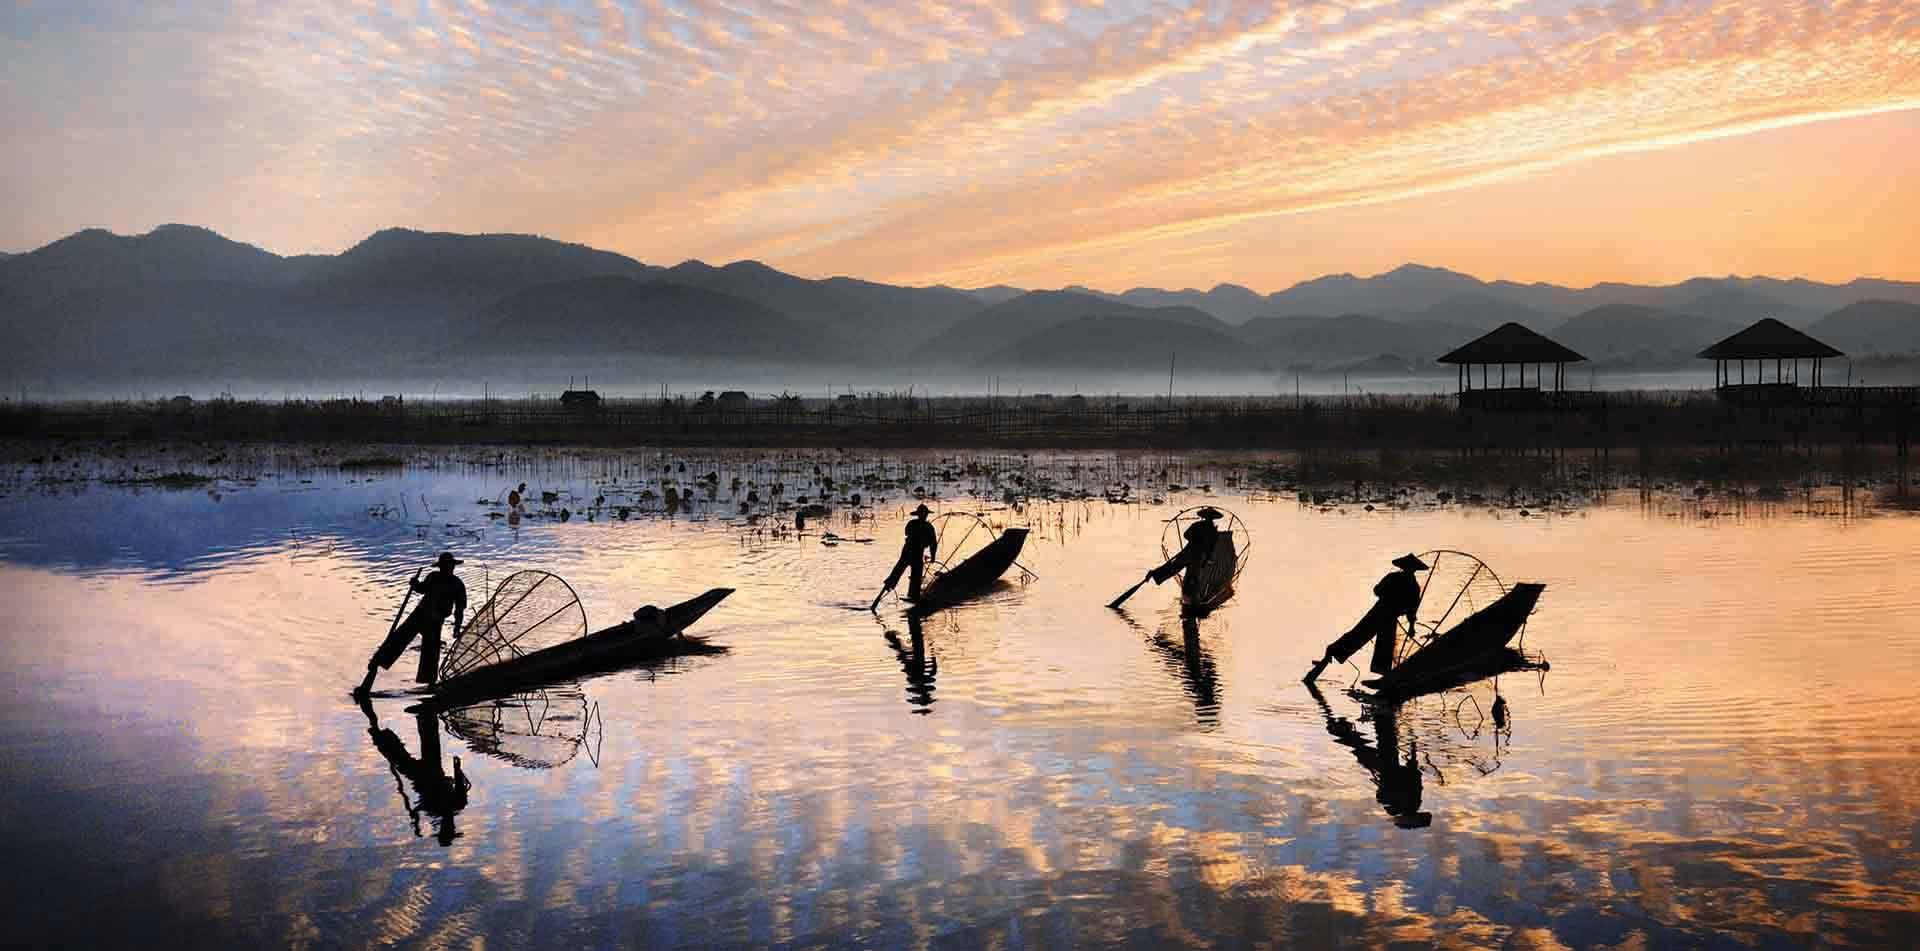 Fisherman Silhouettes at Inle Lake, Myanmar